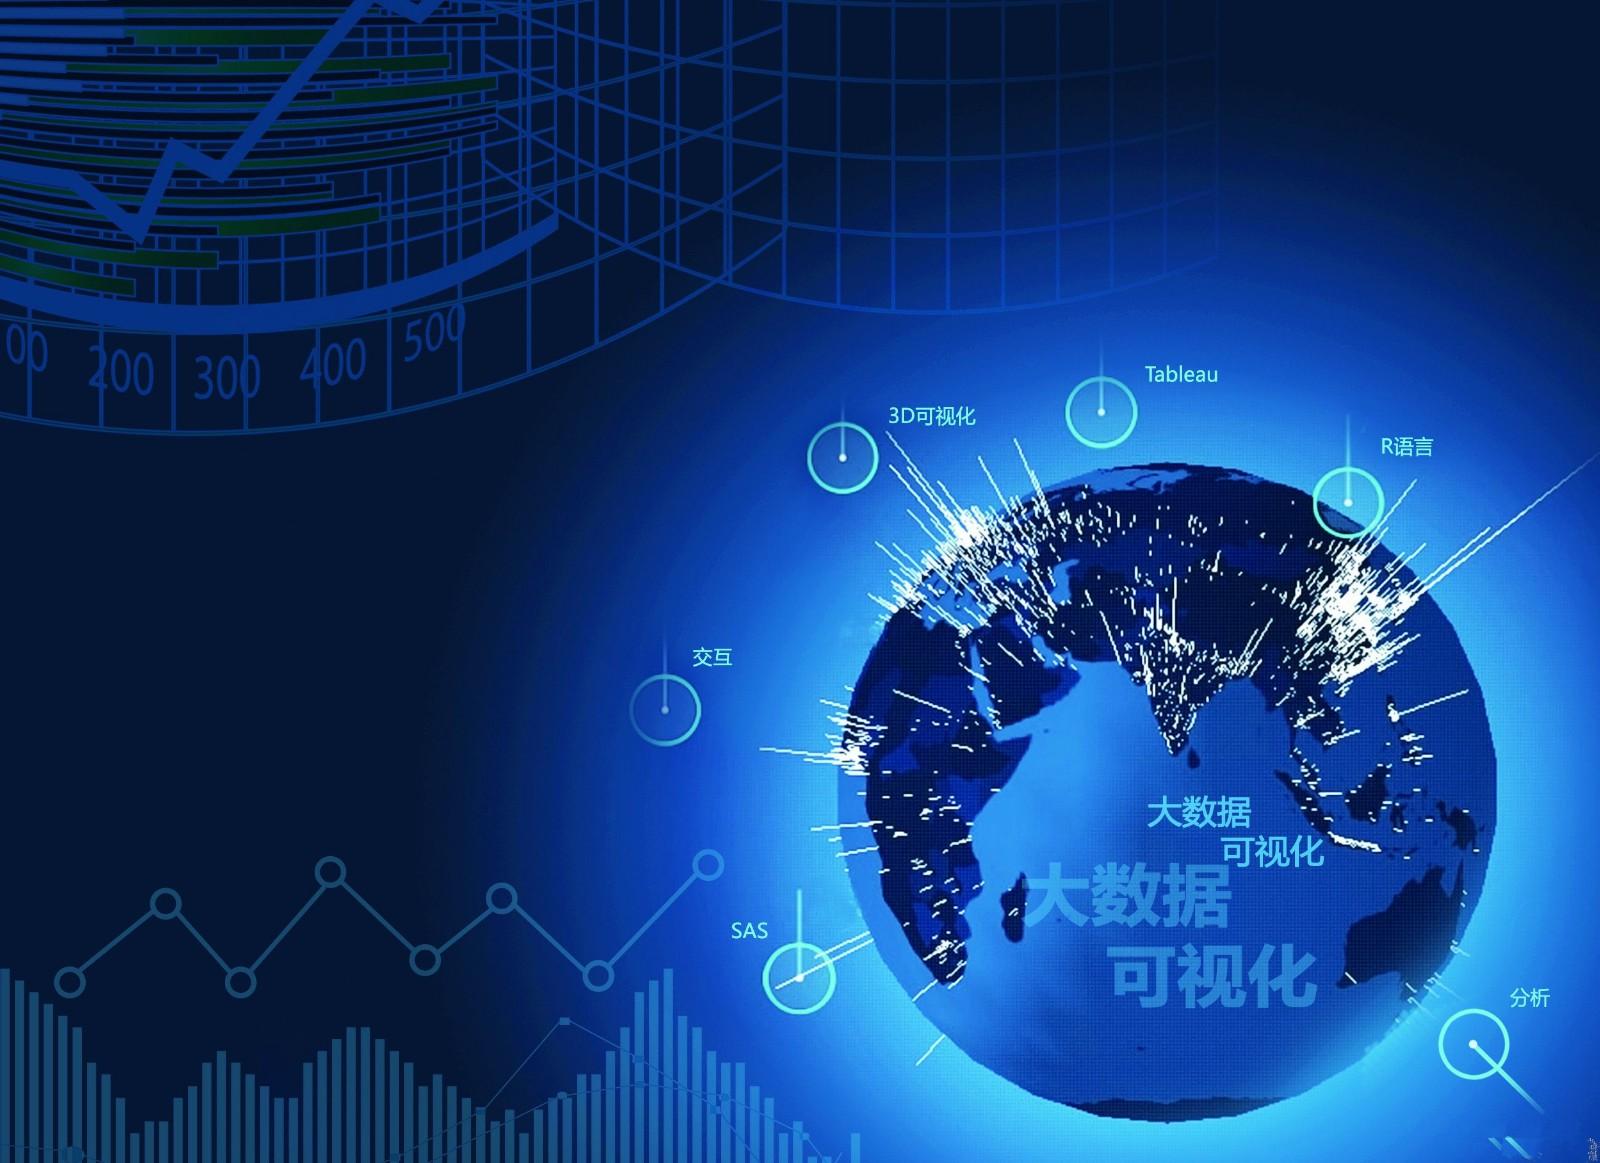 政务数据共享交换解决方案